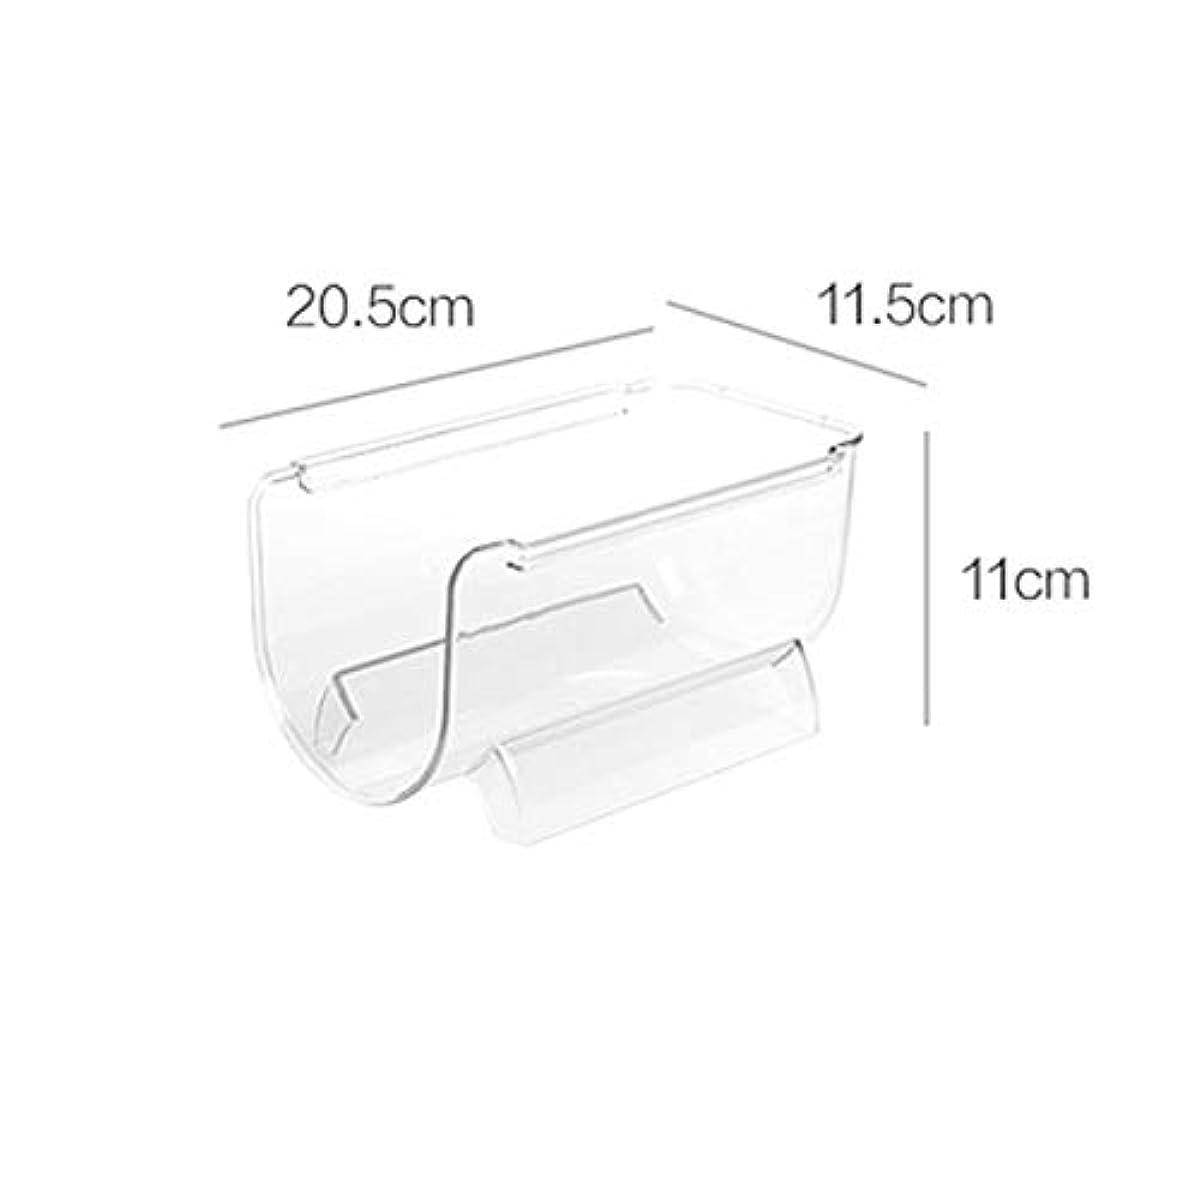 慎重に嫉妬混合したSMMRB 冷蔵庫透明収納ボックス長方形フリーザーボックスキッチンプラスチック収納ボックス引き出しタイプcrisper (サイズ さいず : A)